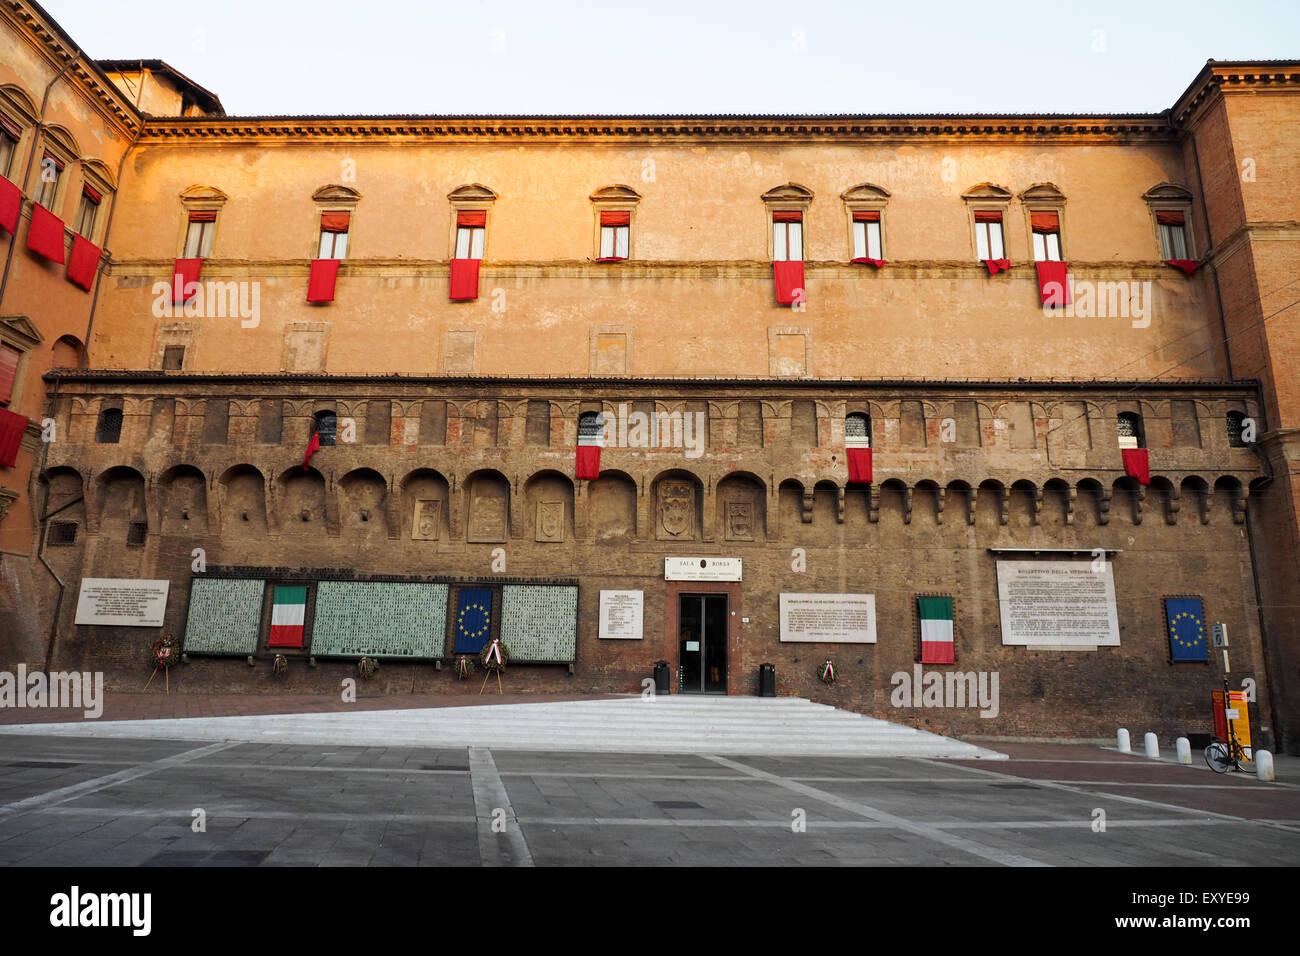 Biblioteca SalaBorsa housed in the Palazzo D'Accursio, Bologna - Stock Photo